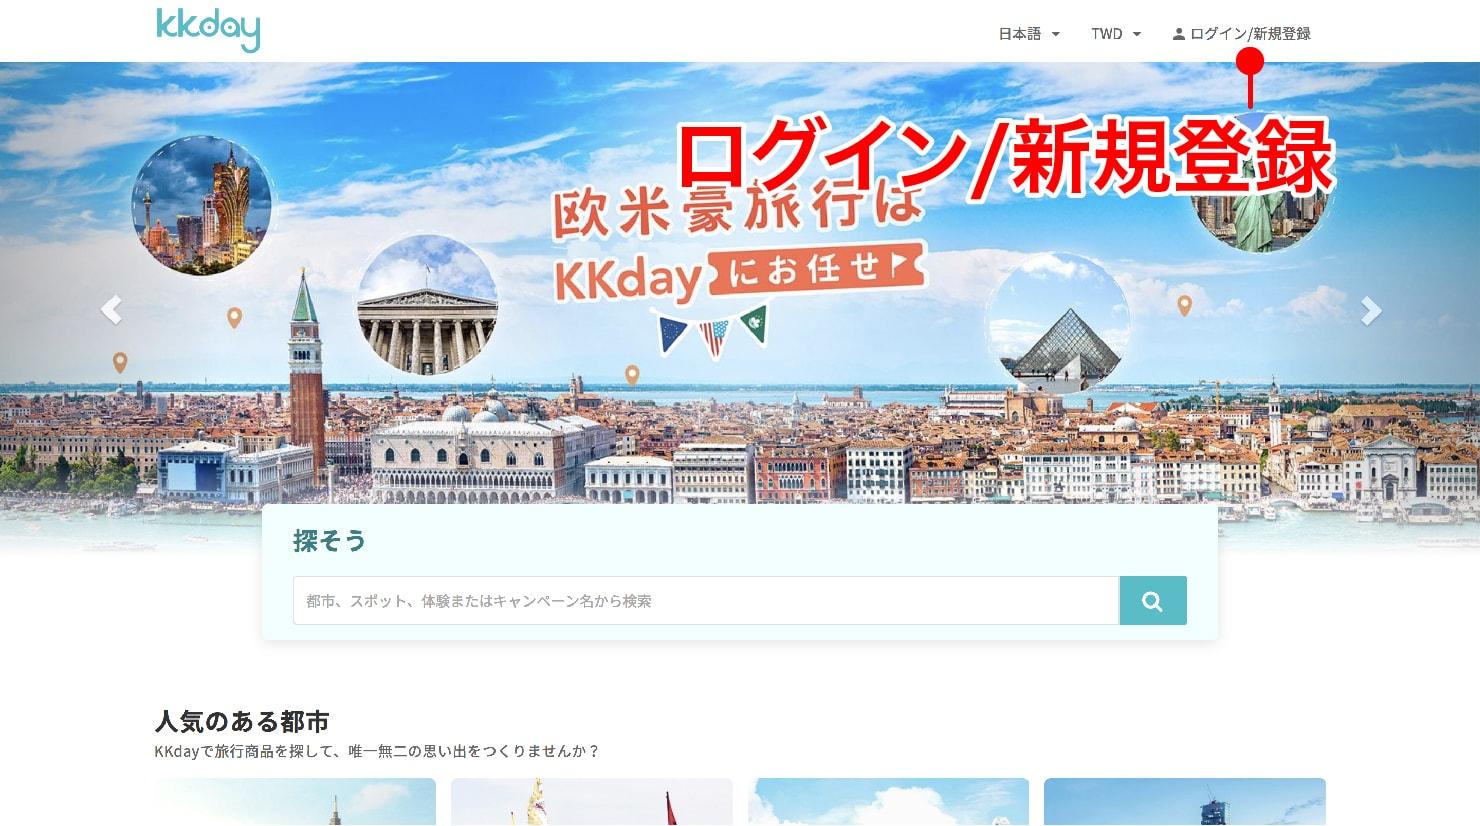 KKday台湾旅行・出張撮影サービスの予約画面17